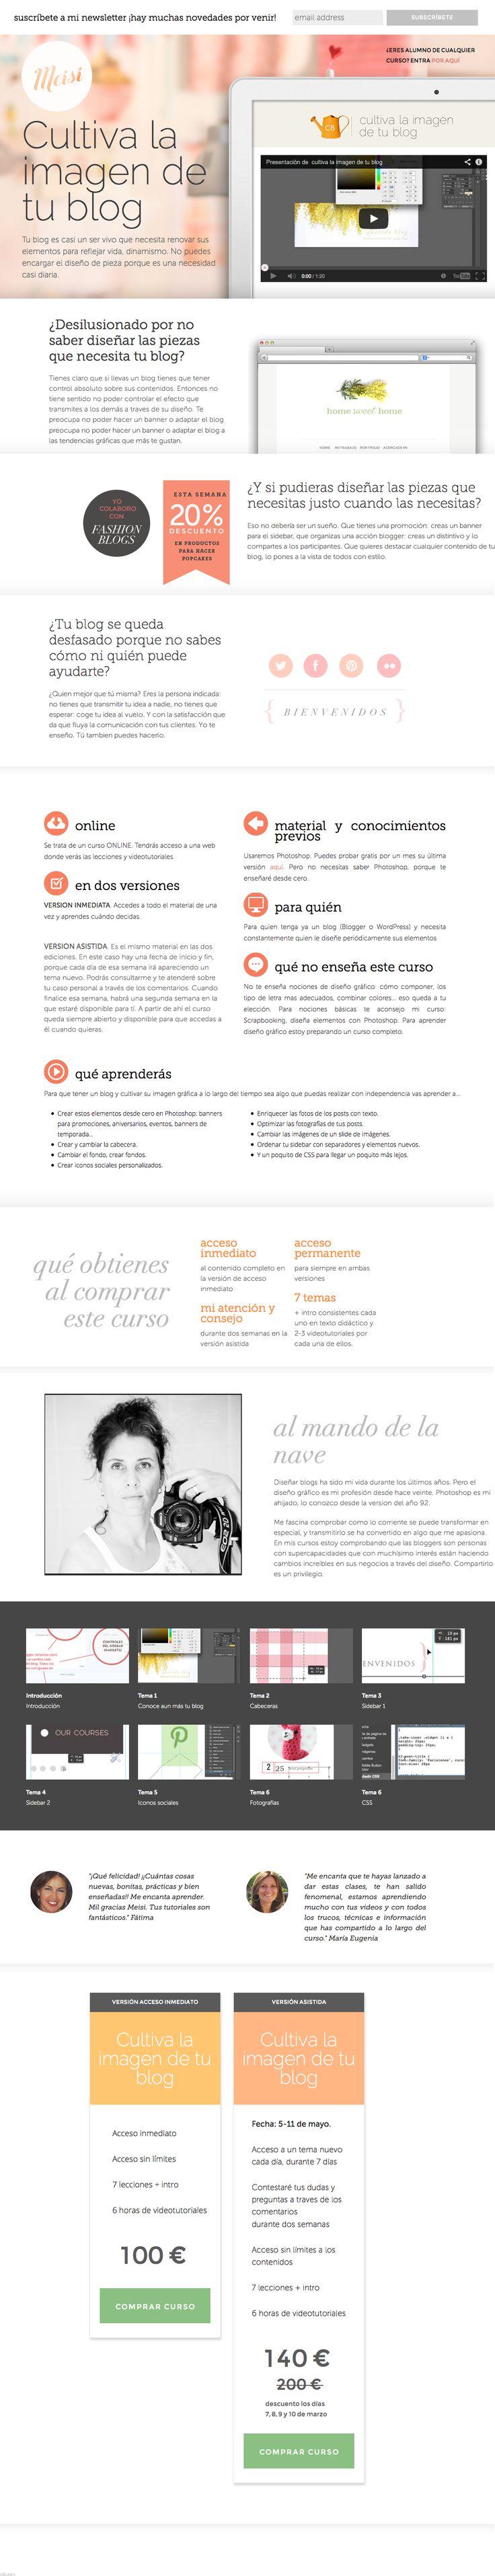 Nueva página para mi curso online de diseño Cultiva la imagen de tu blog #blog #diseño #cursosonline #videotutoriales #diseñografico #website #salespage